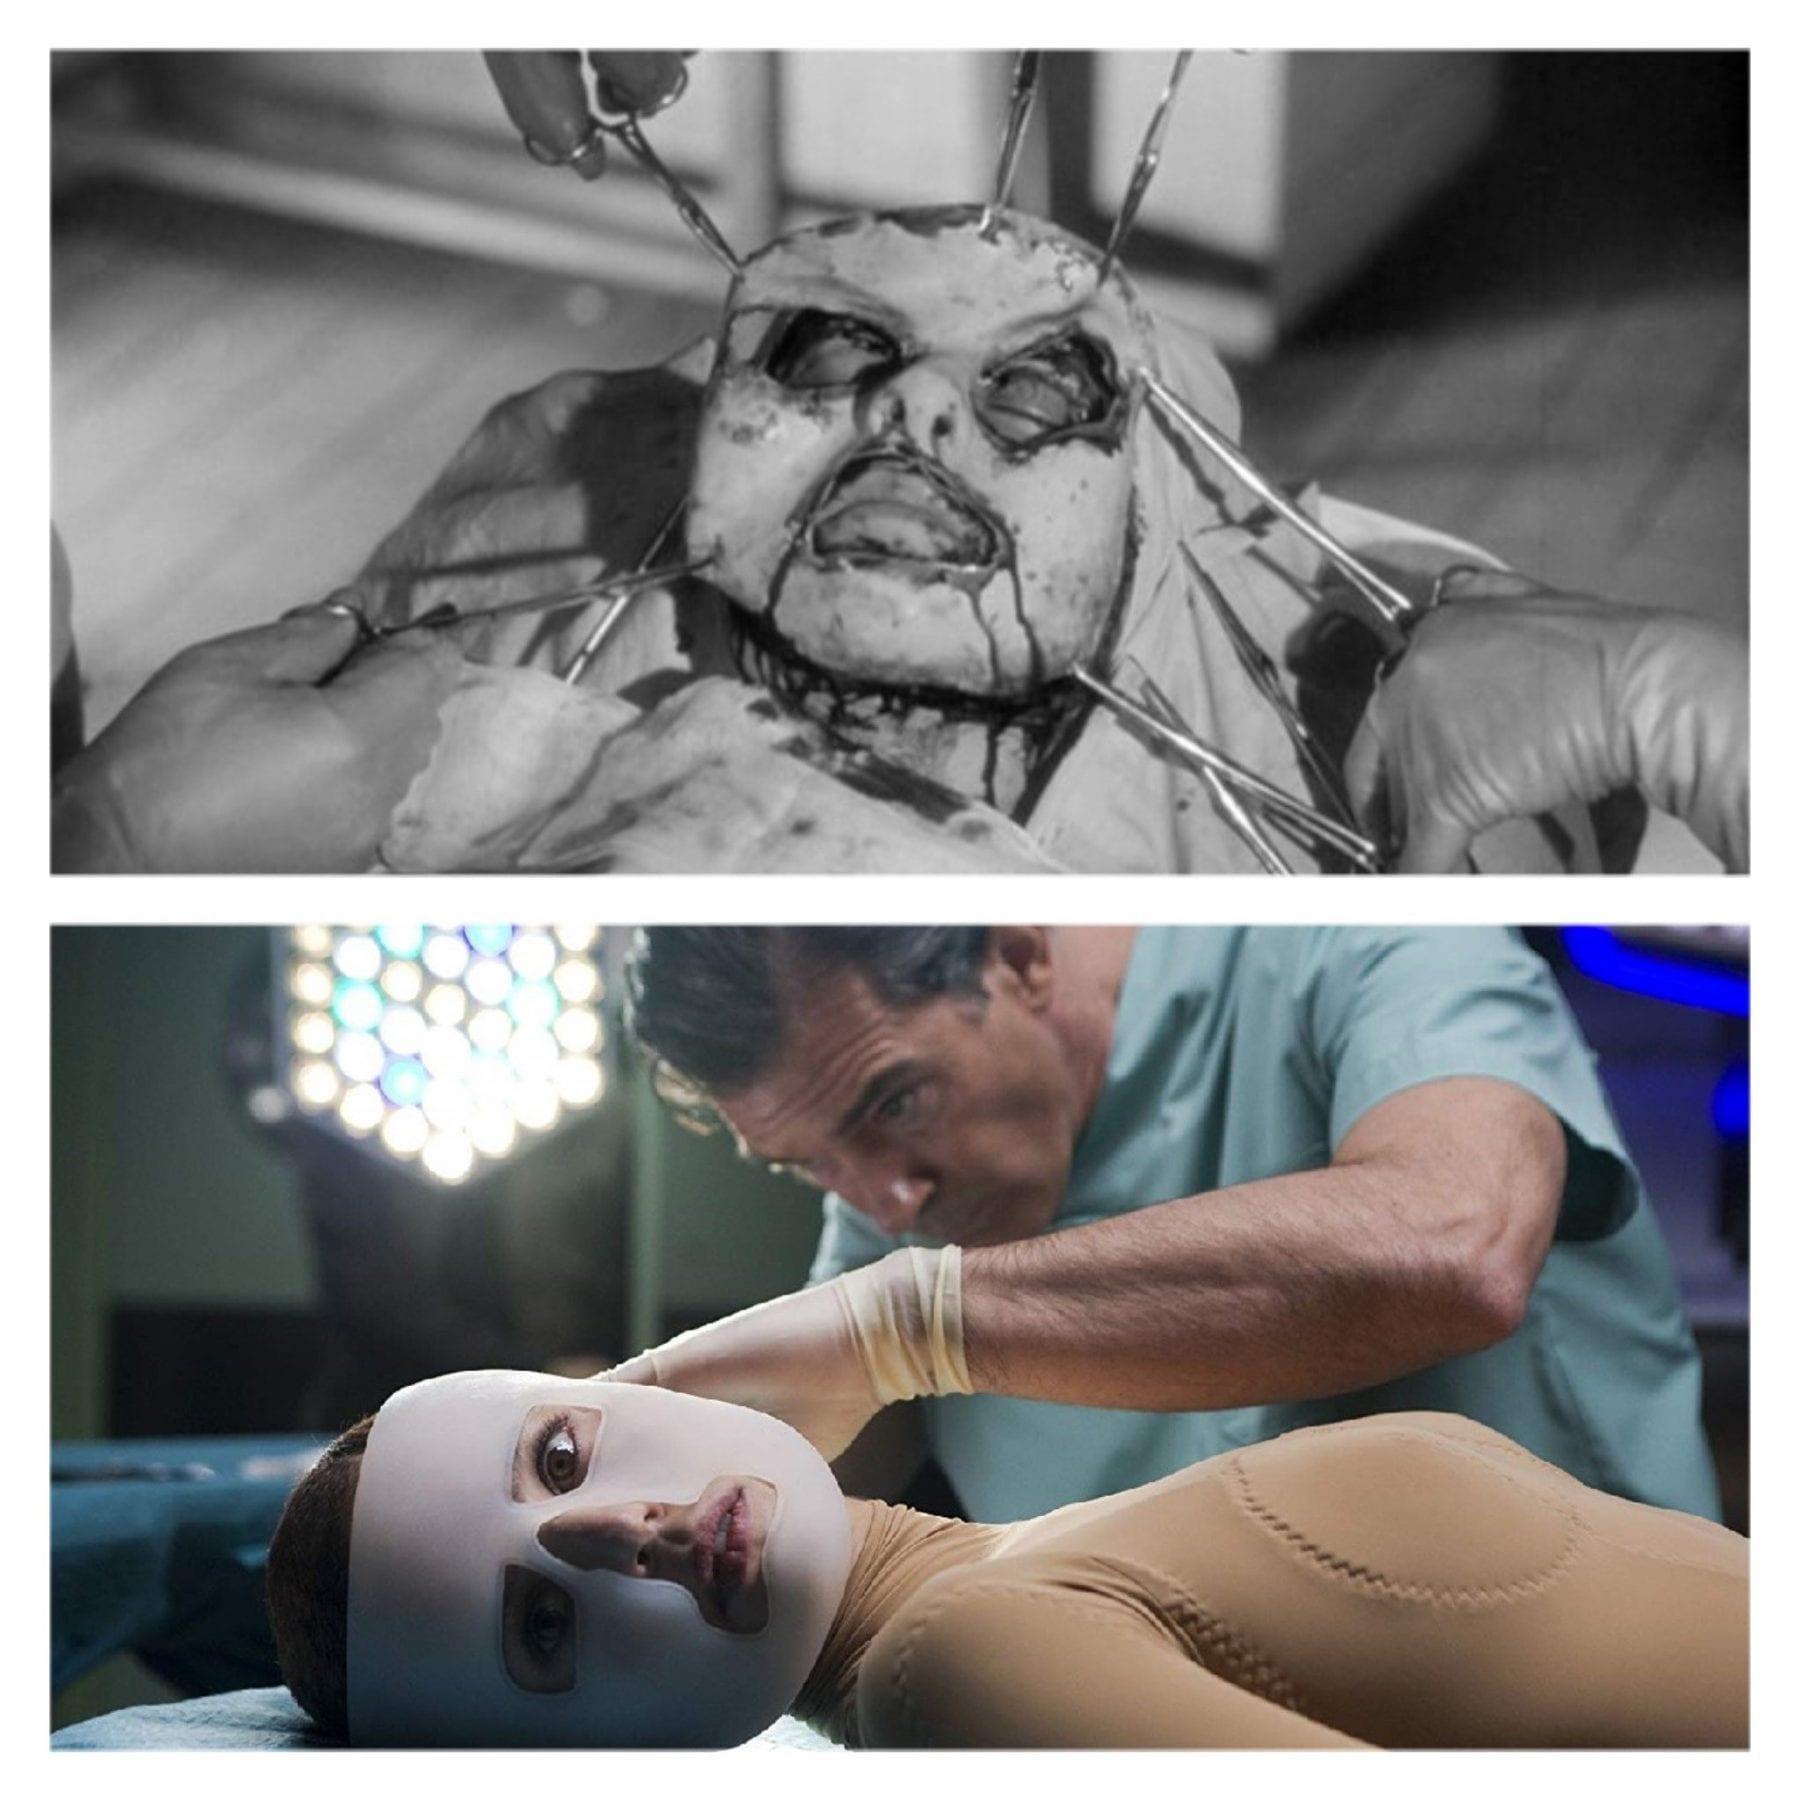 Dr. Génessier and Dr. Ledgard experiment on their respective captives.